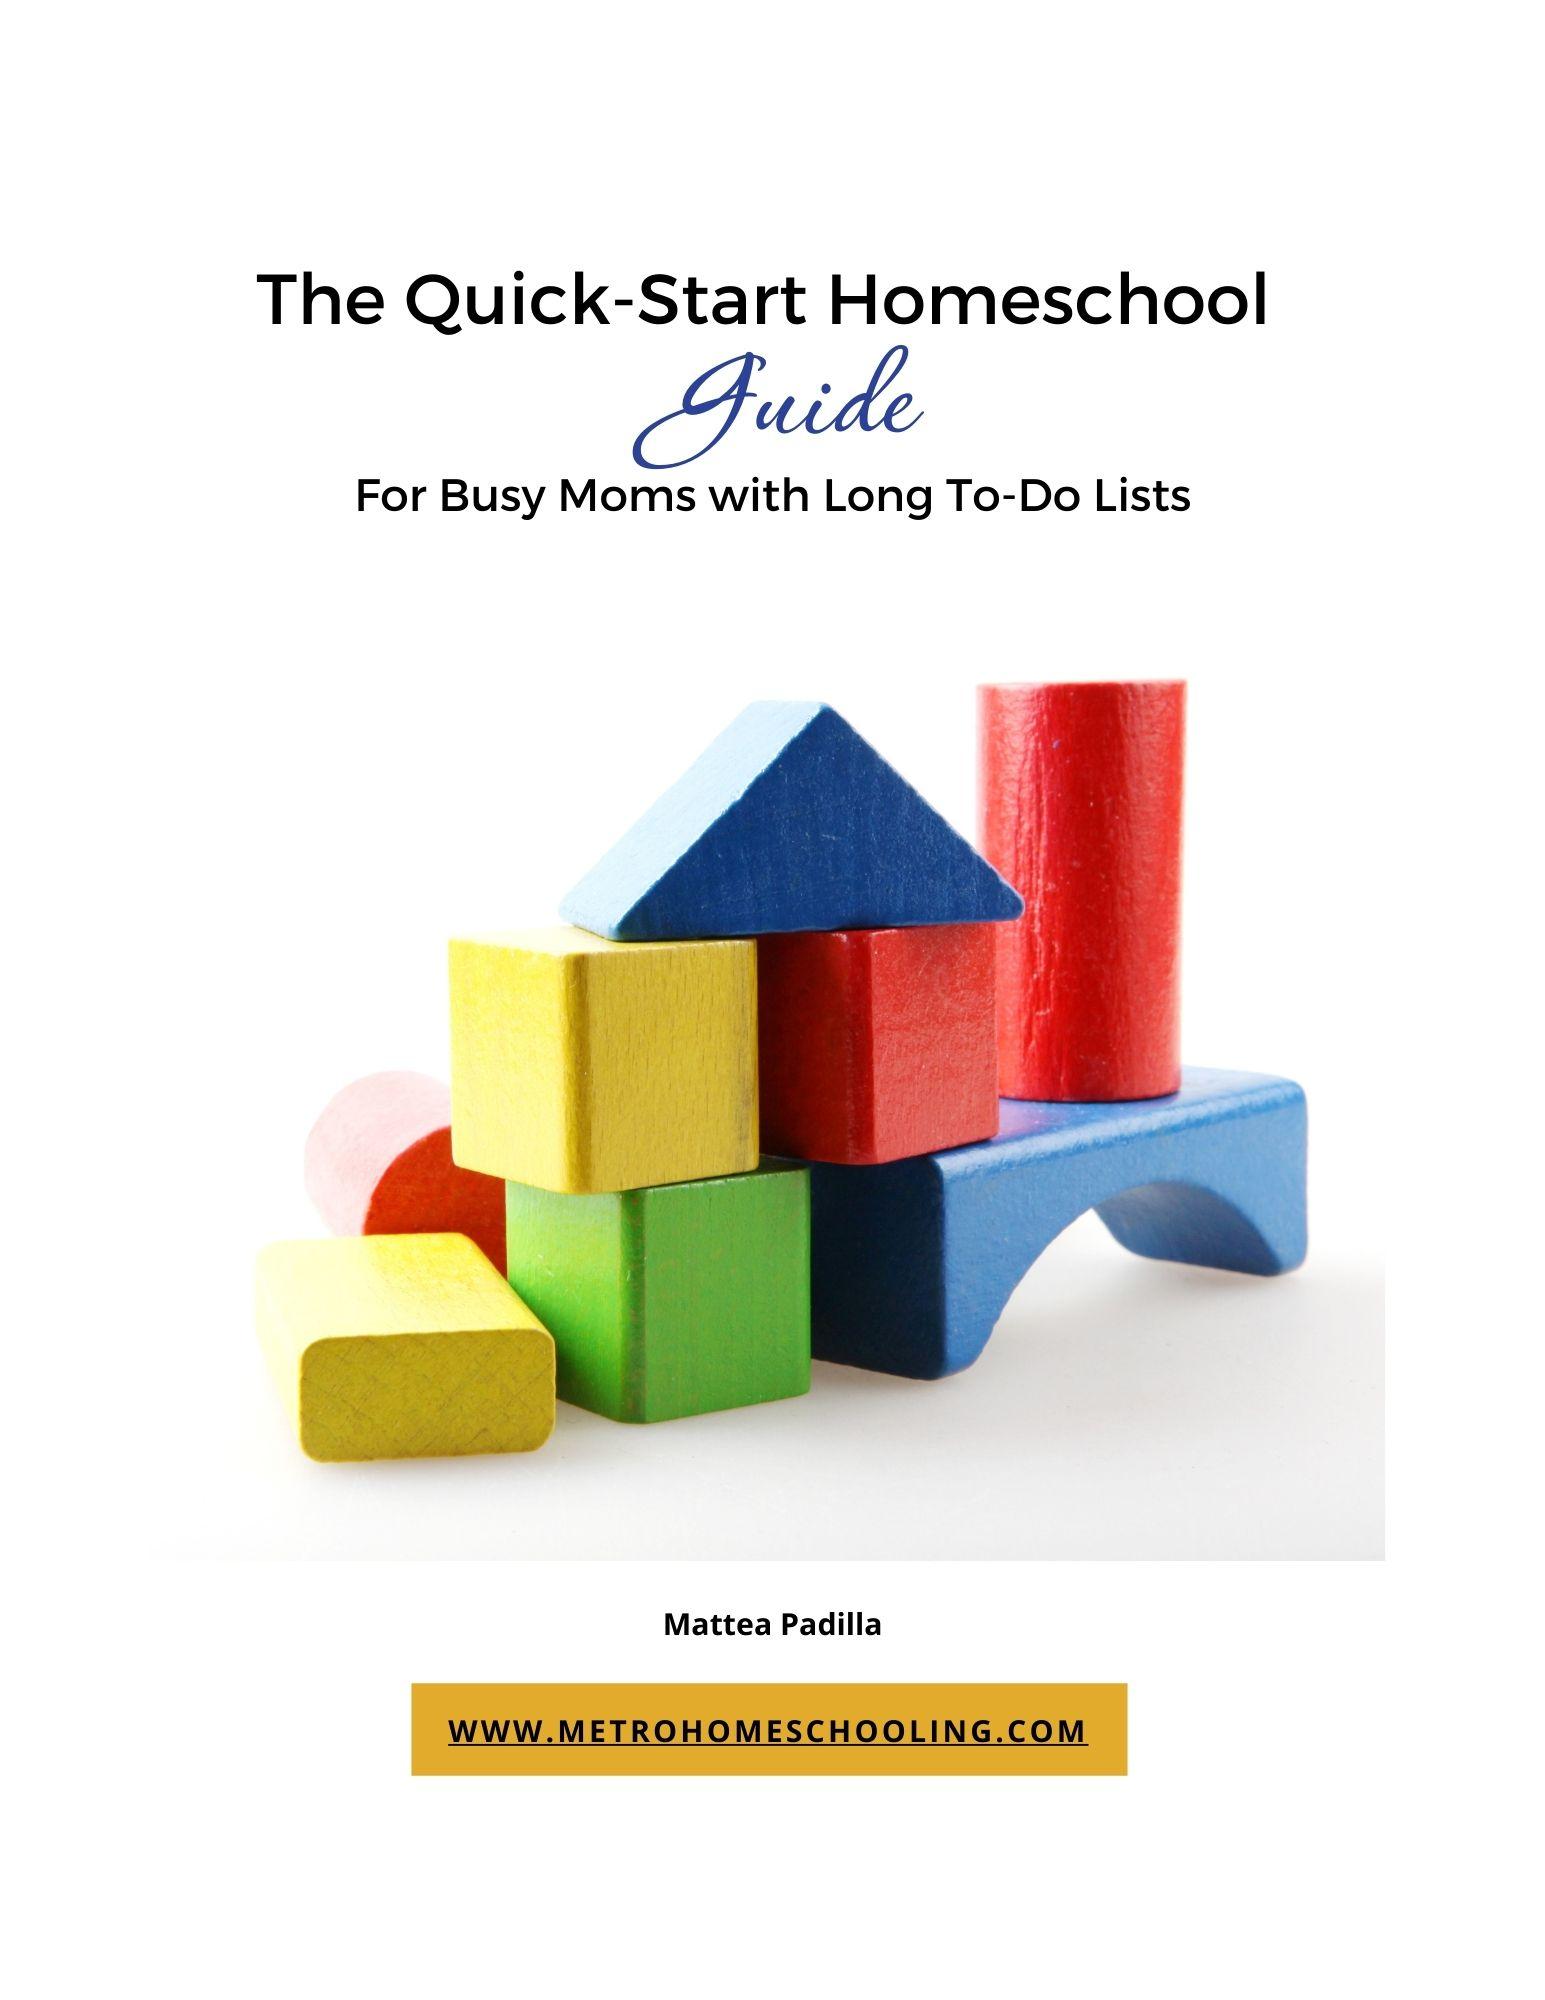 Quick Start Homeschool Guide